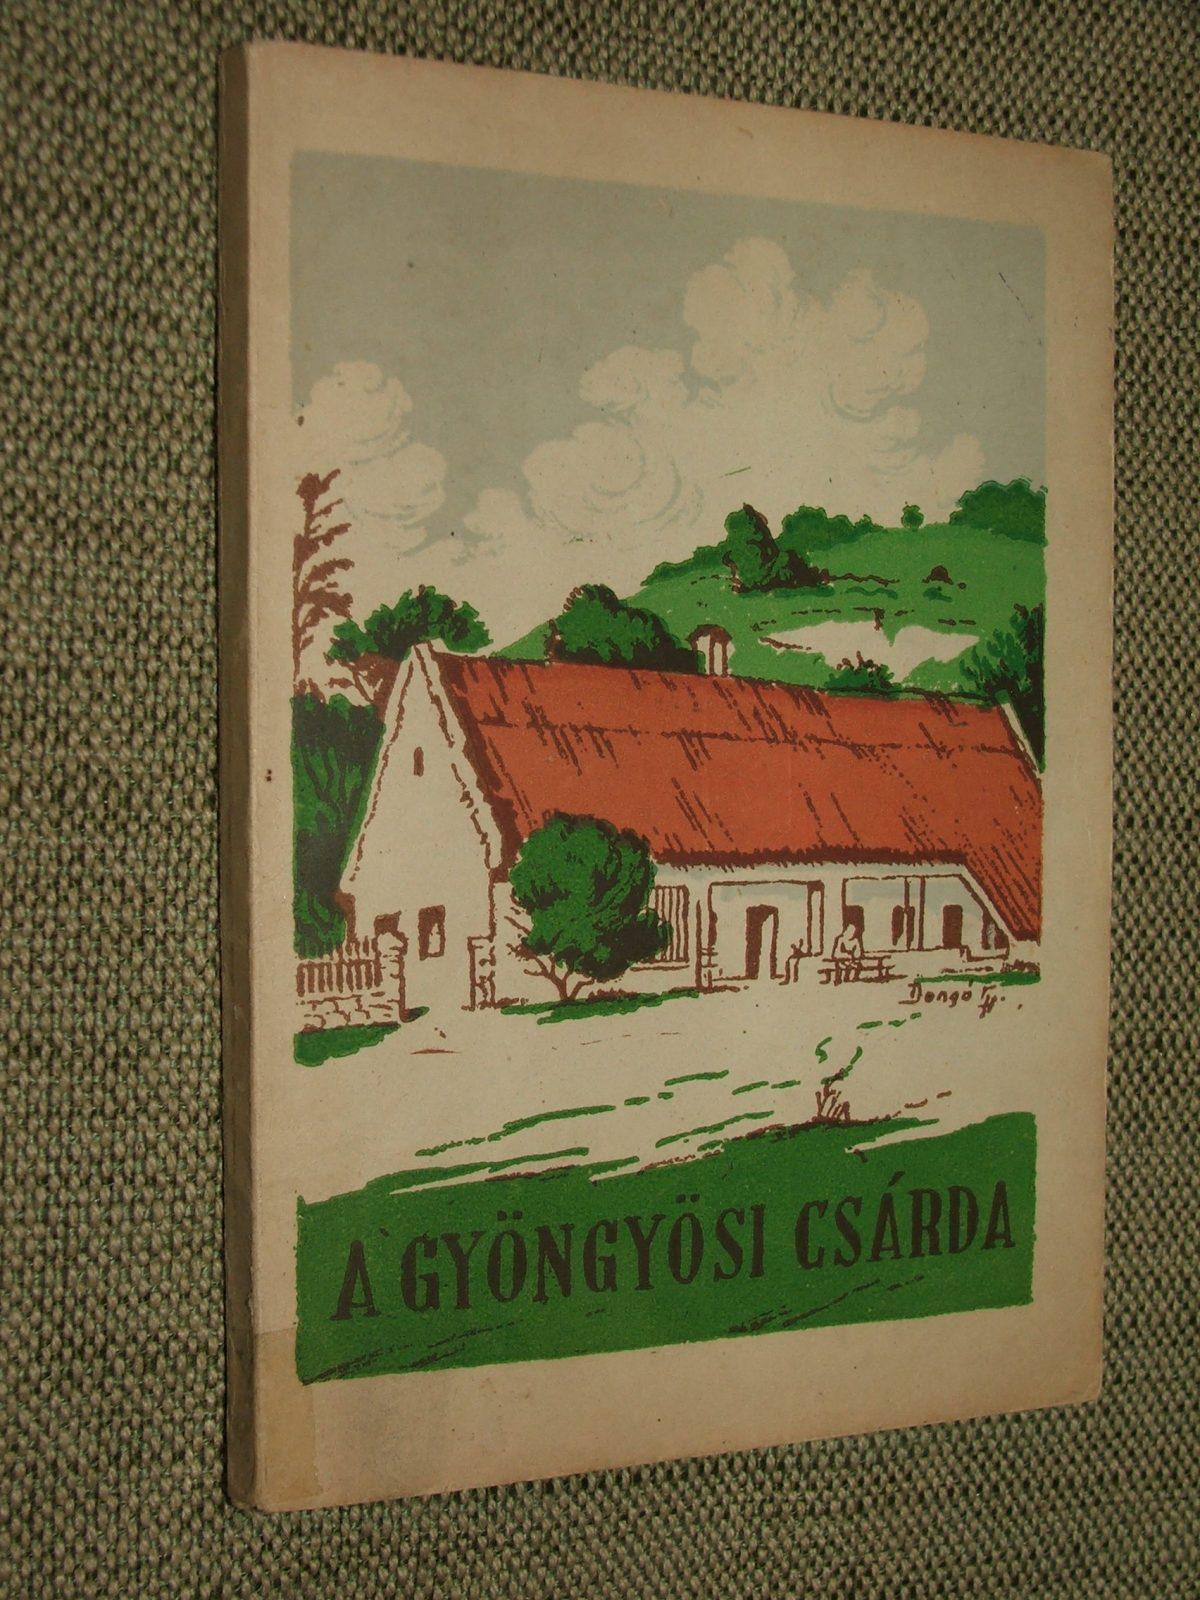 (Szerkesztette: ZÁKONYI Ferenc): A Gyöngyösi csárda